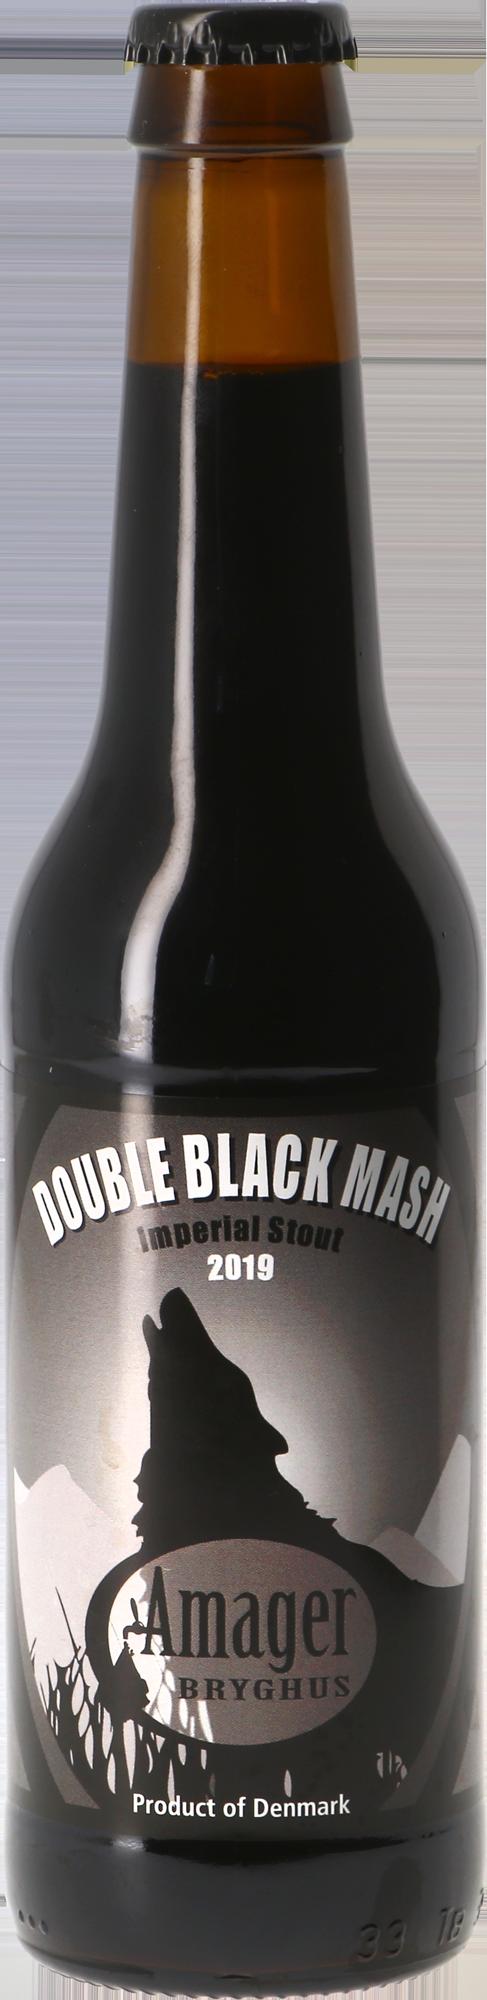 Amager Double Black Mash 2019